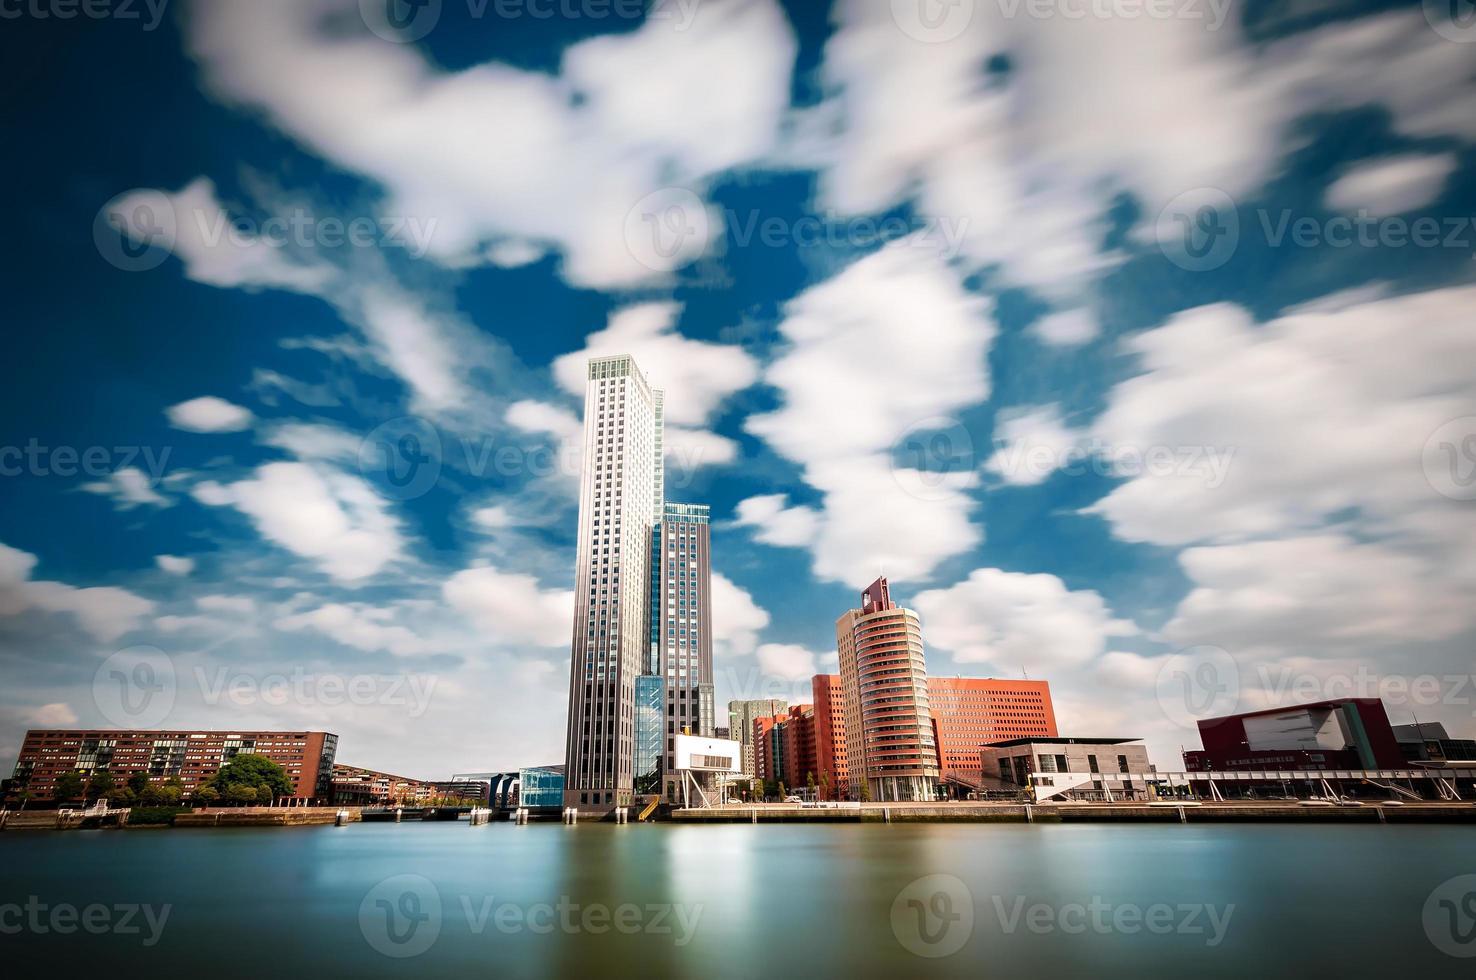 Rotterdam con un tipico grattacielo sull'acqua foto